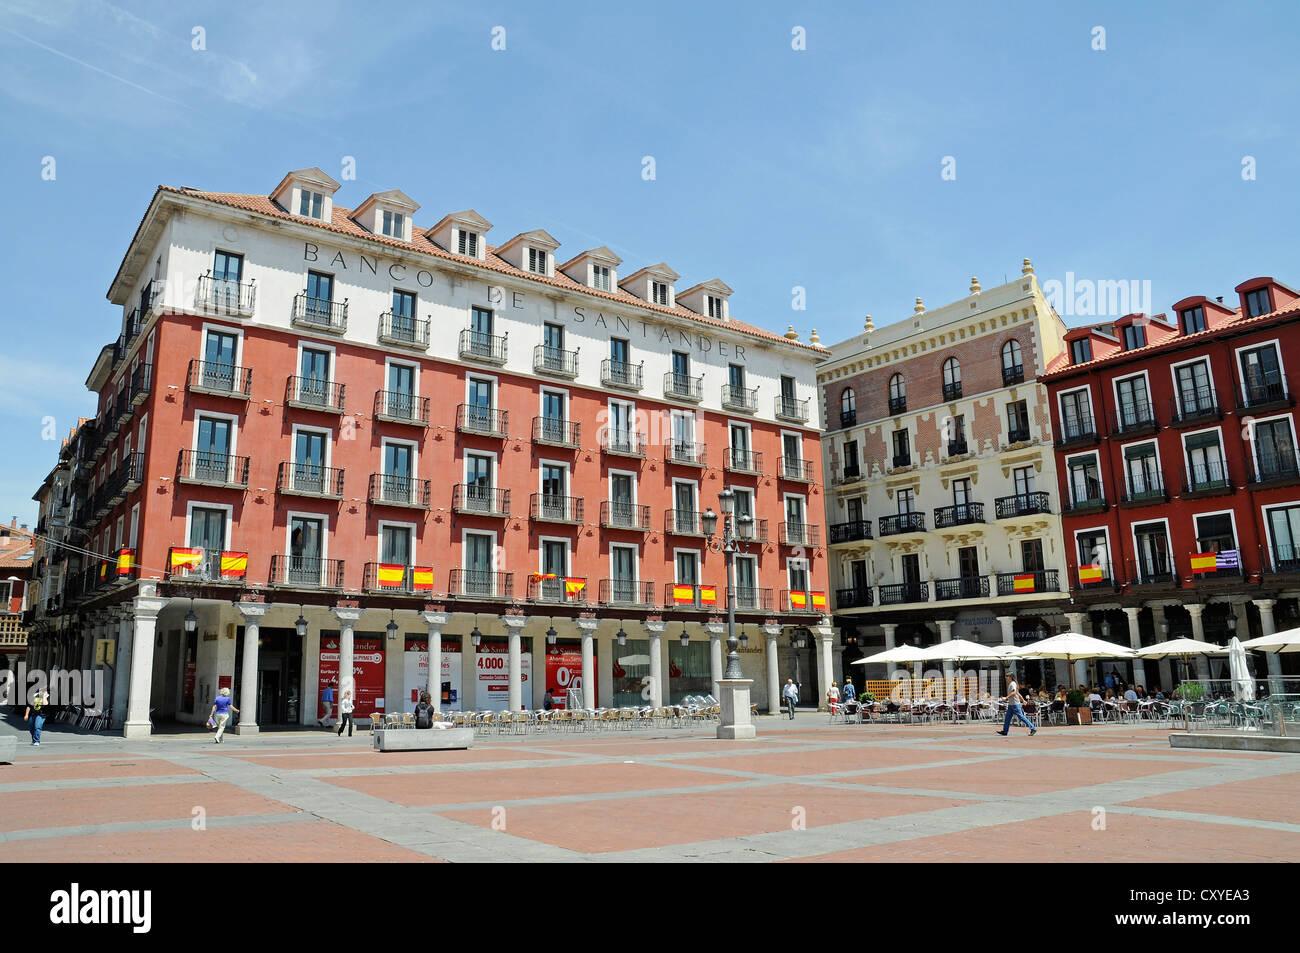 Plaza mayor square banco de santander bank building for Oficina banco santander valladolid